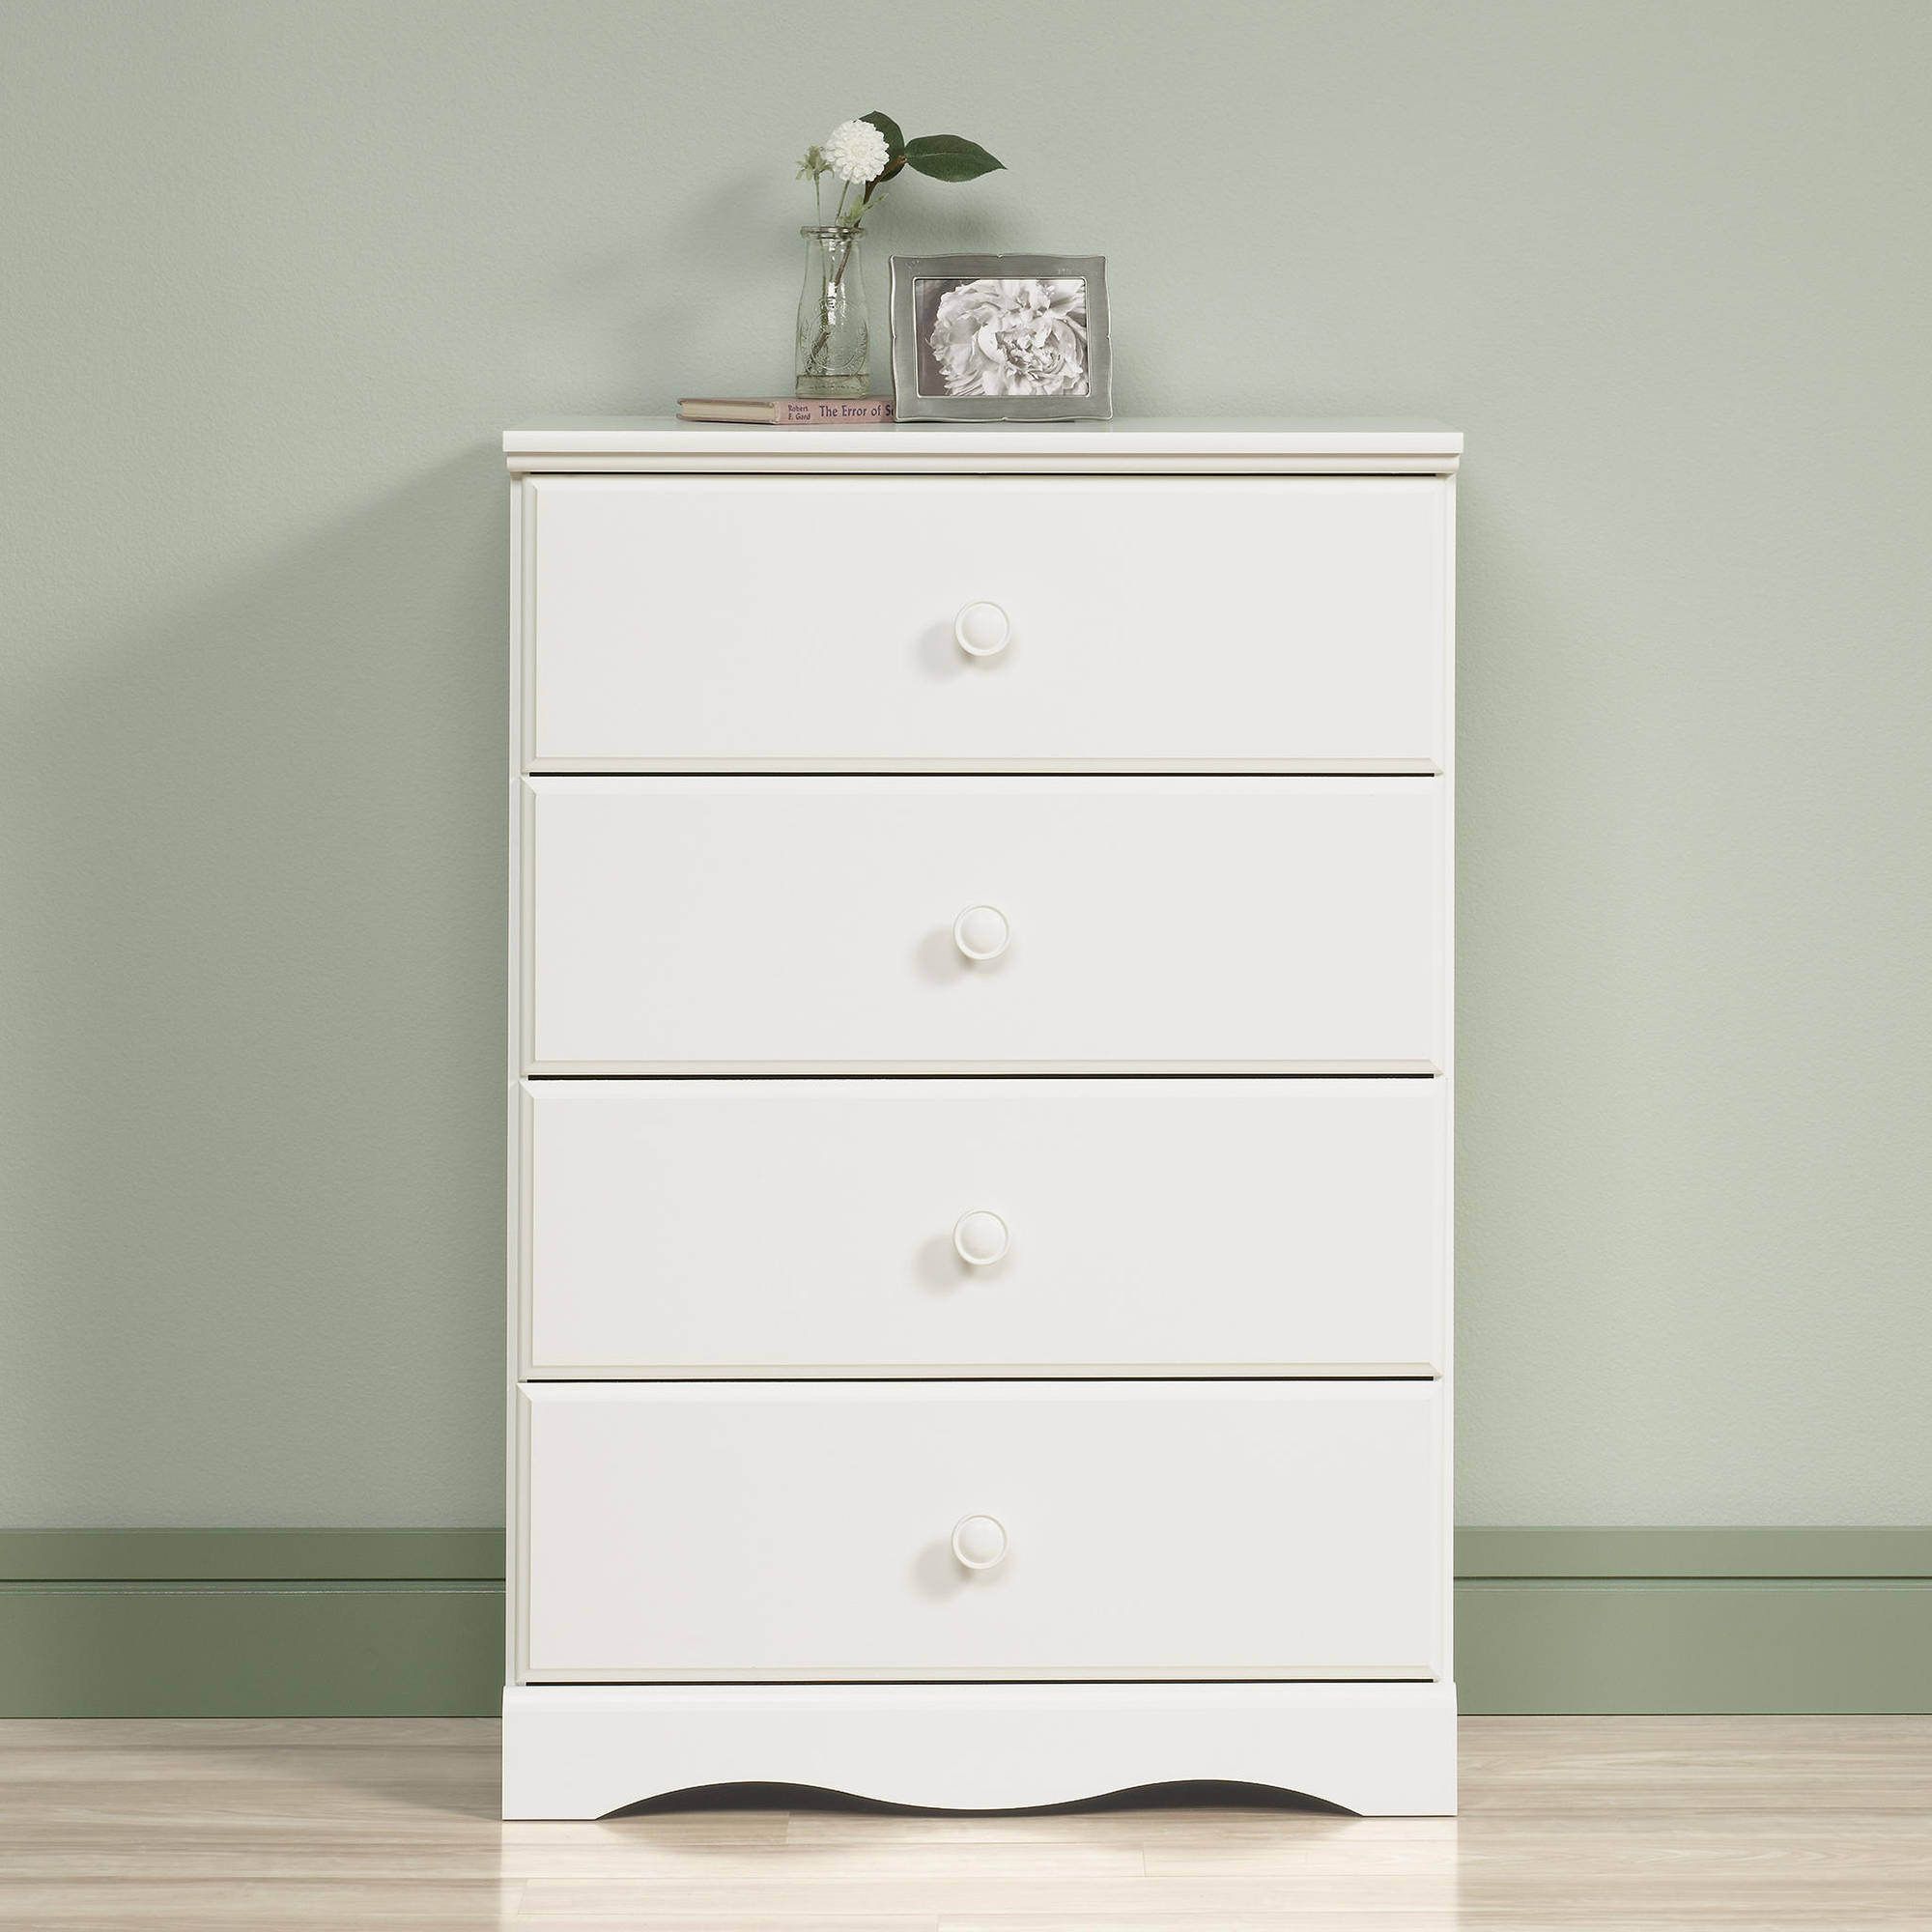 Sauder Storybook 4-Drawer Dresser, Multiple Colors